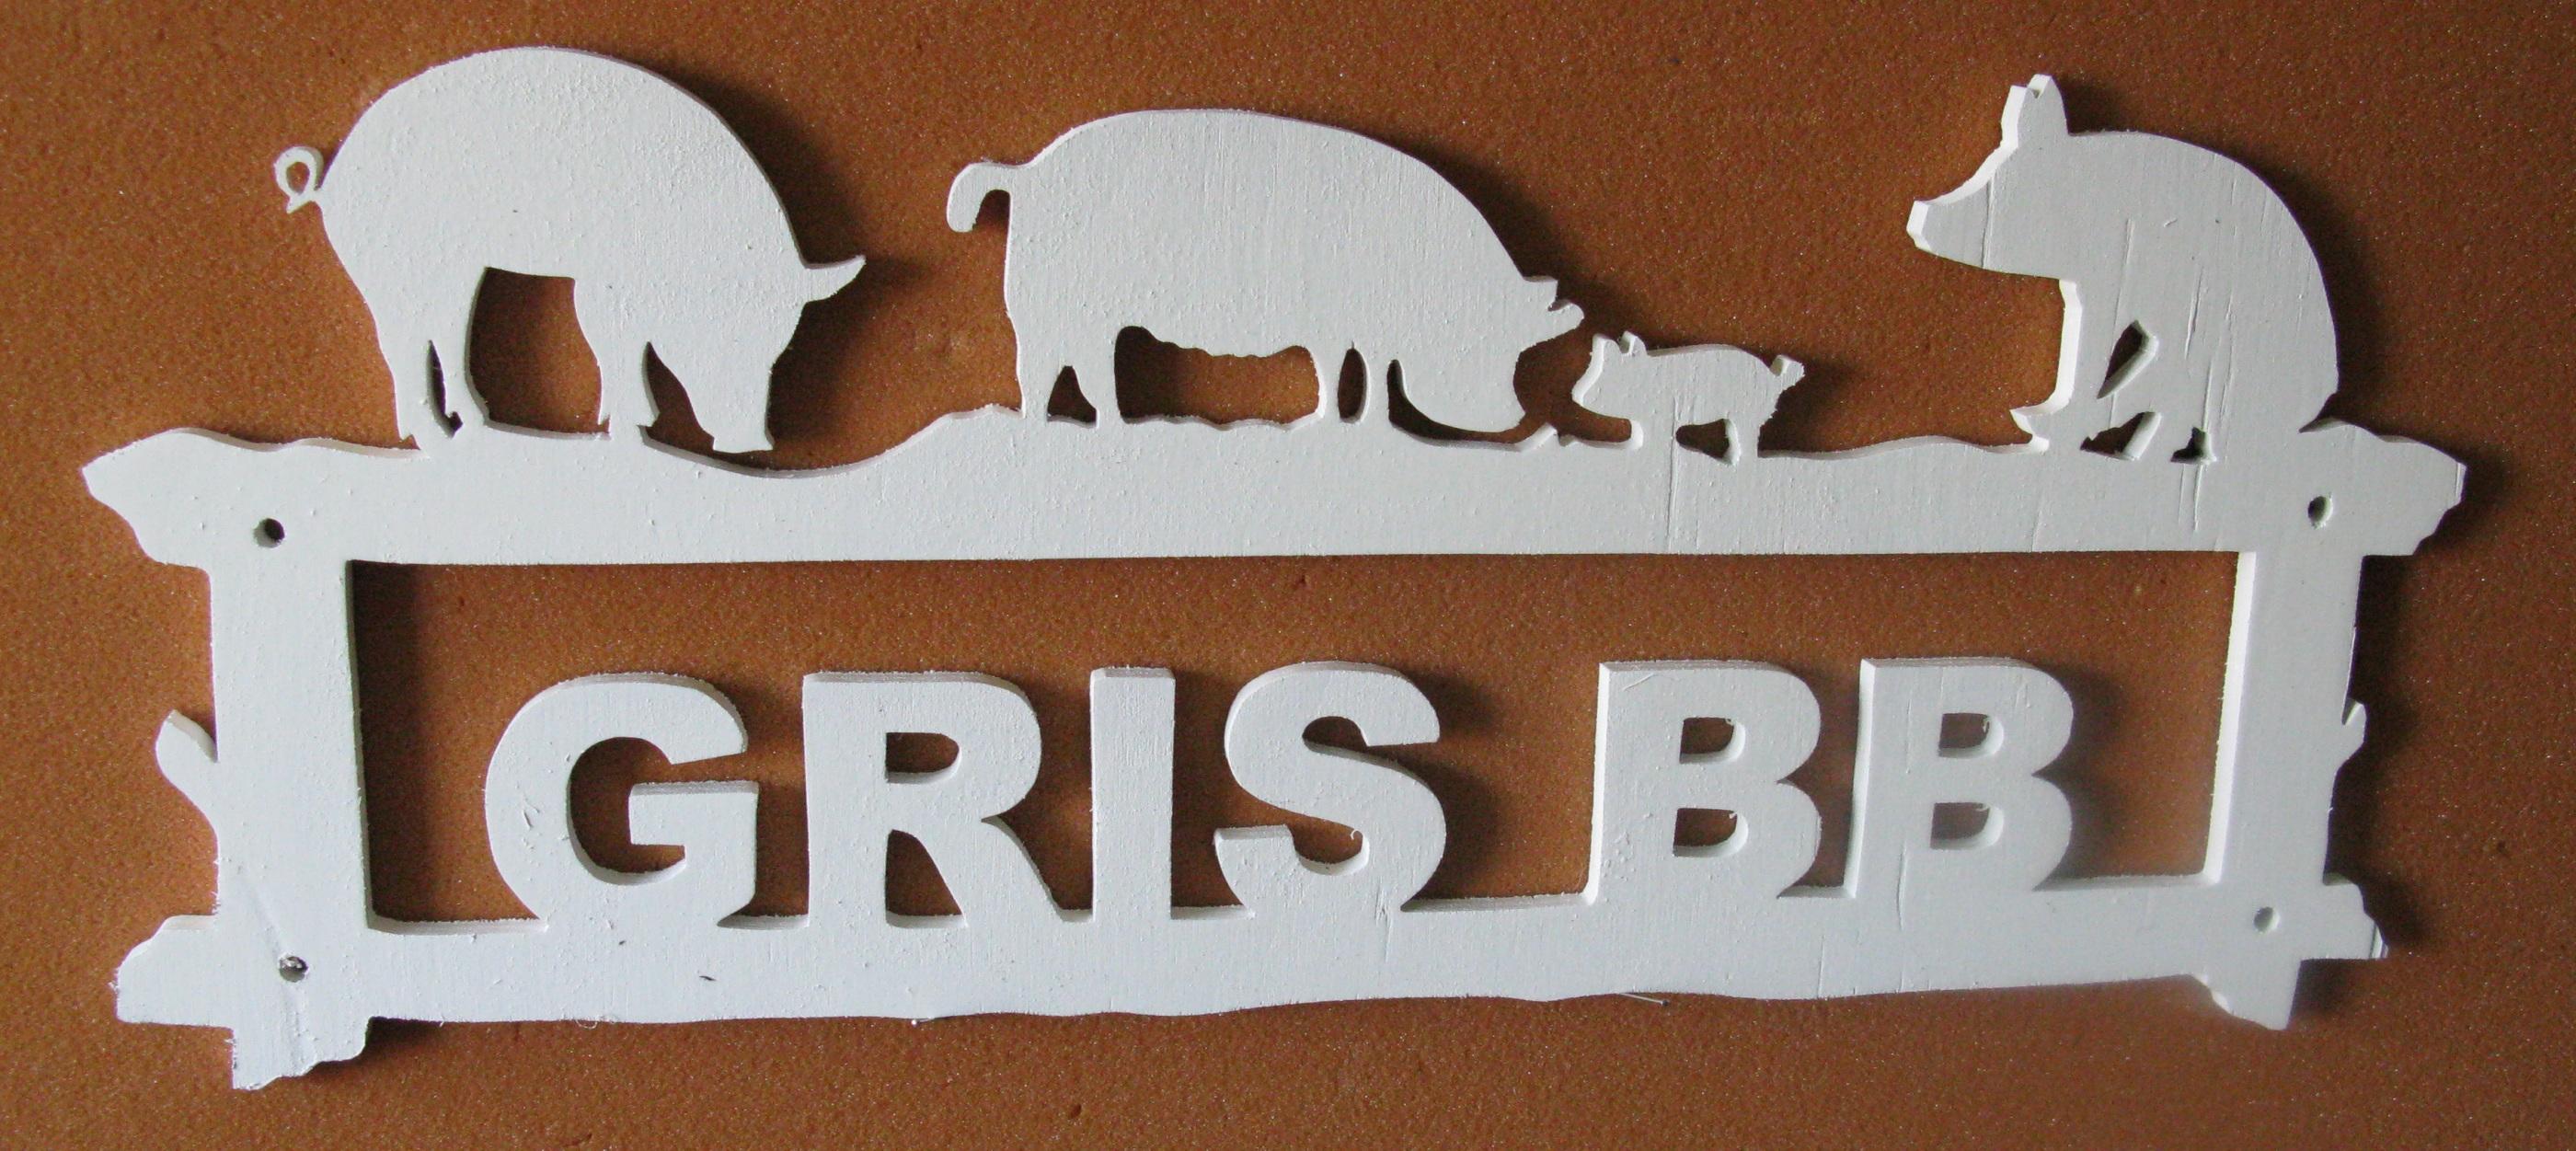 Gris bb